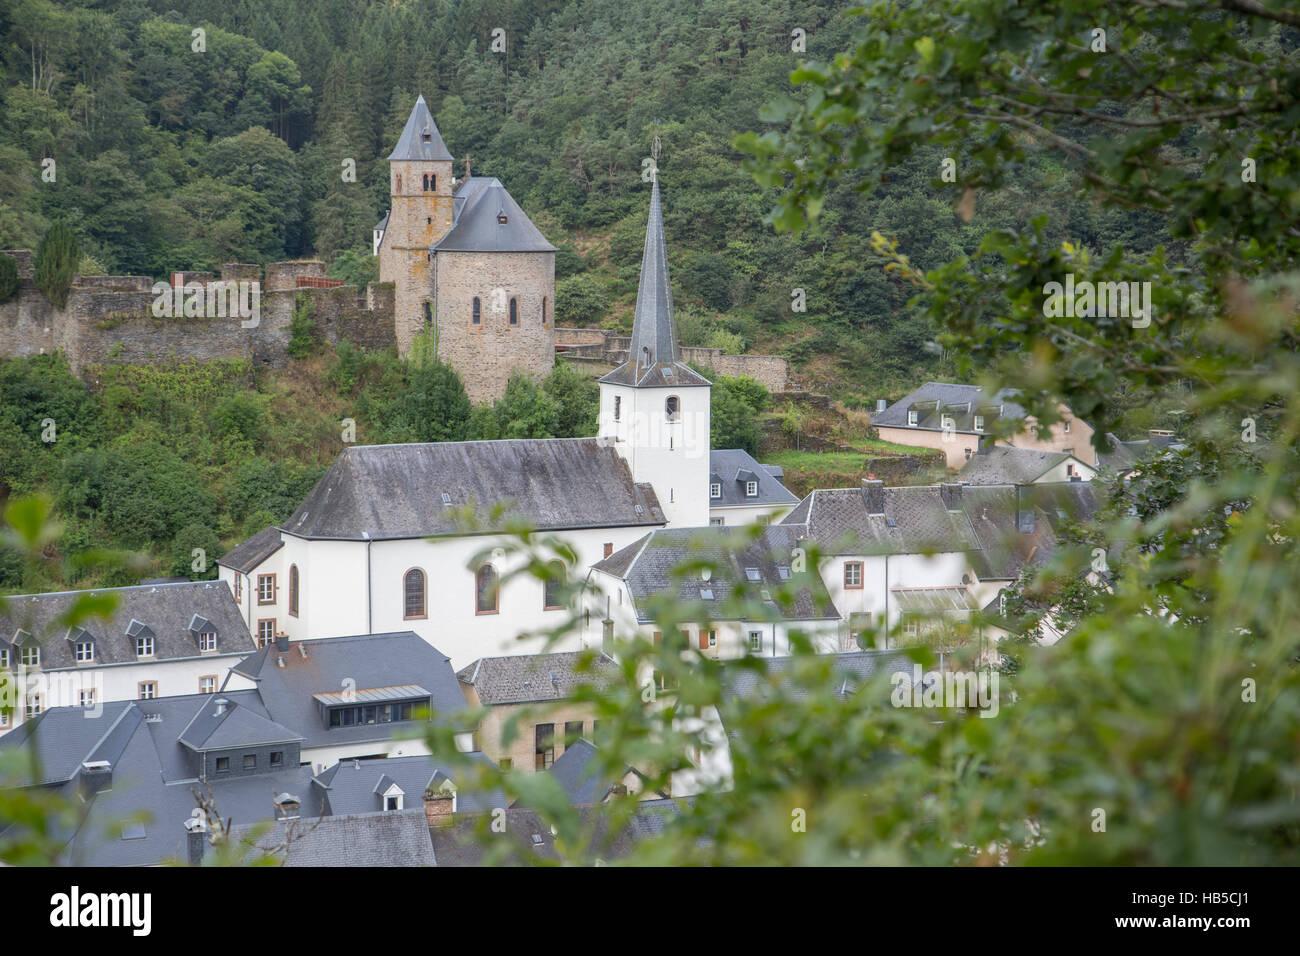 Esch-sur-Sûre château et l'église Photo Stock